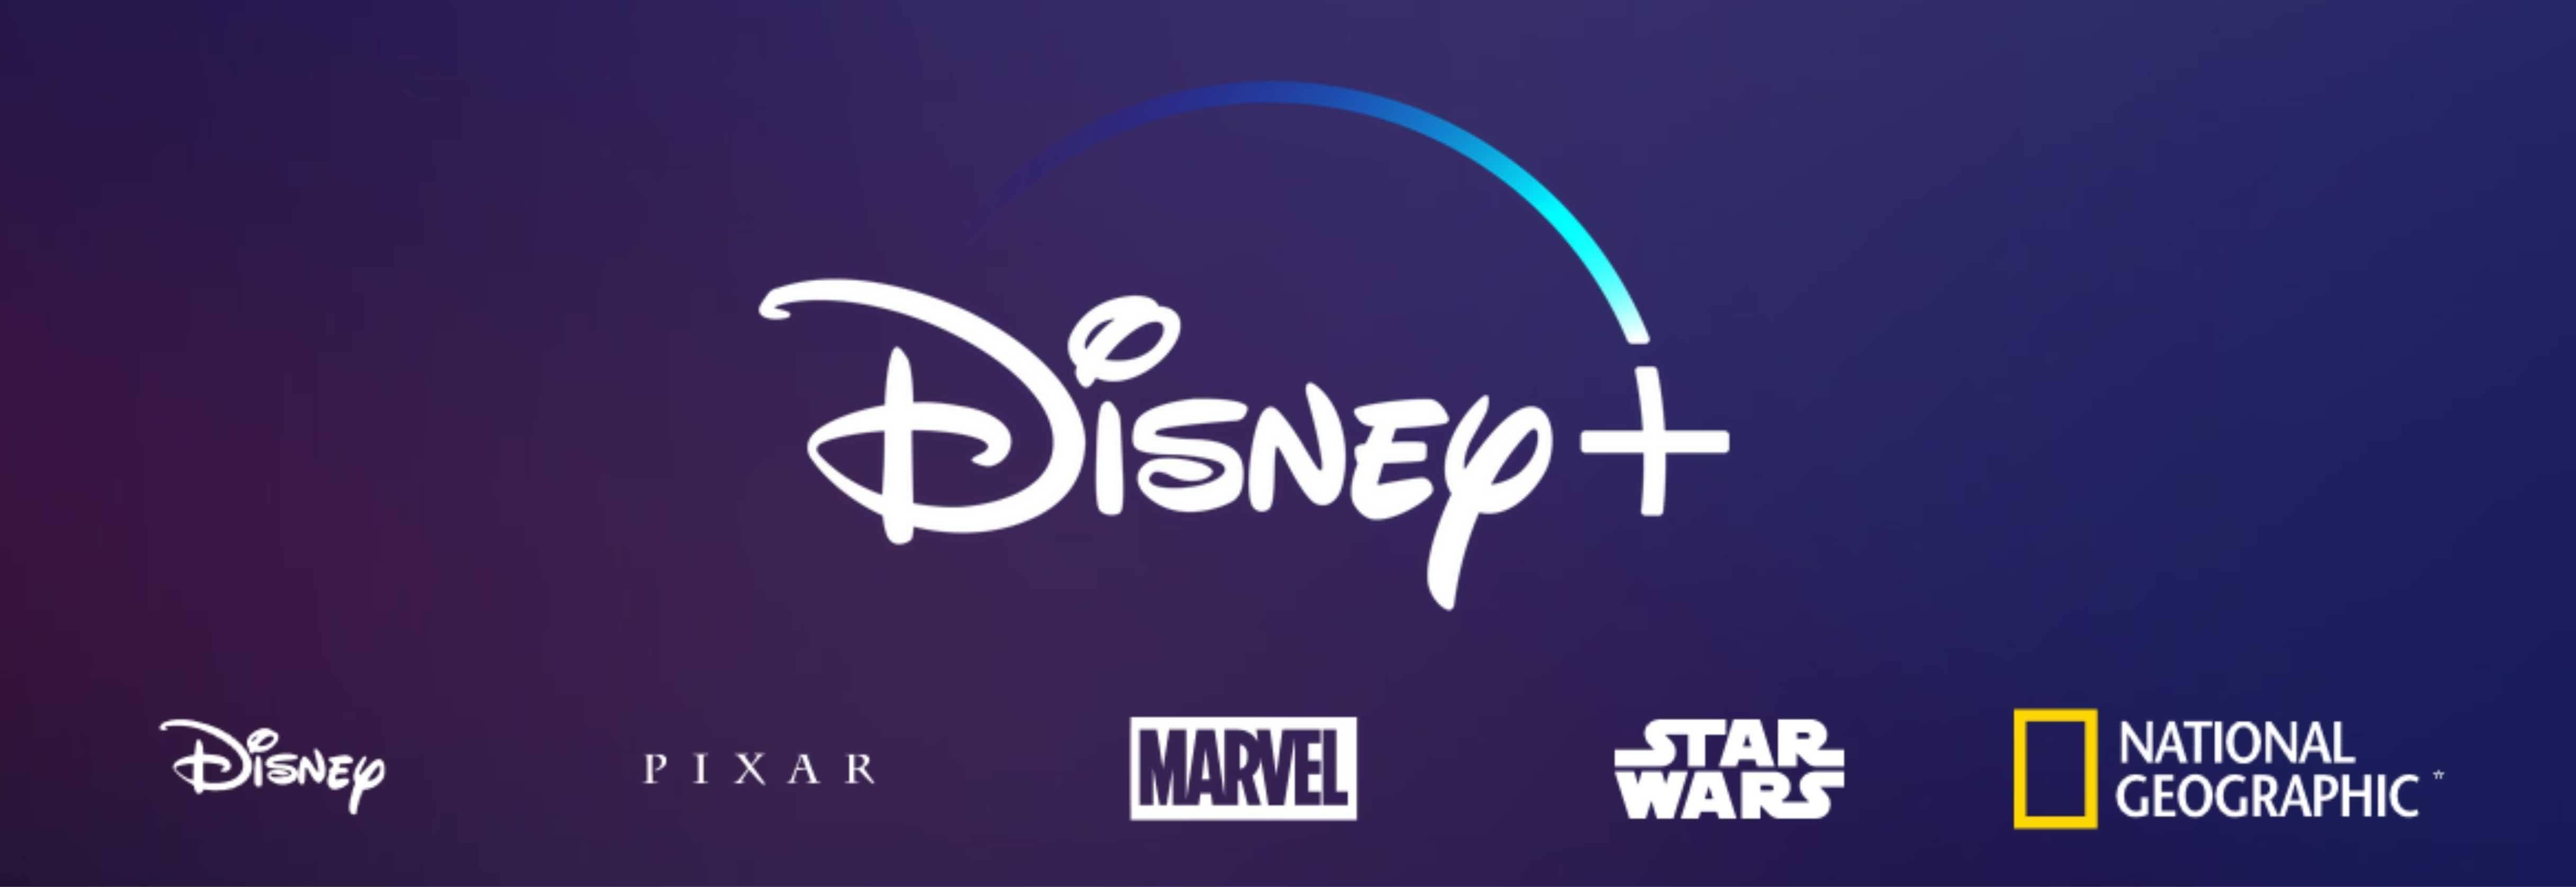 马云澄清:不能强制员工 996;迪士尼发布漫威、星战等多款 Disney+ 原创内容;刘强东:混日子的人不是我的兄弟